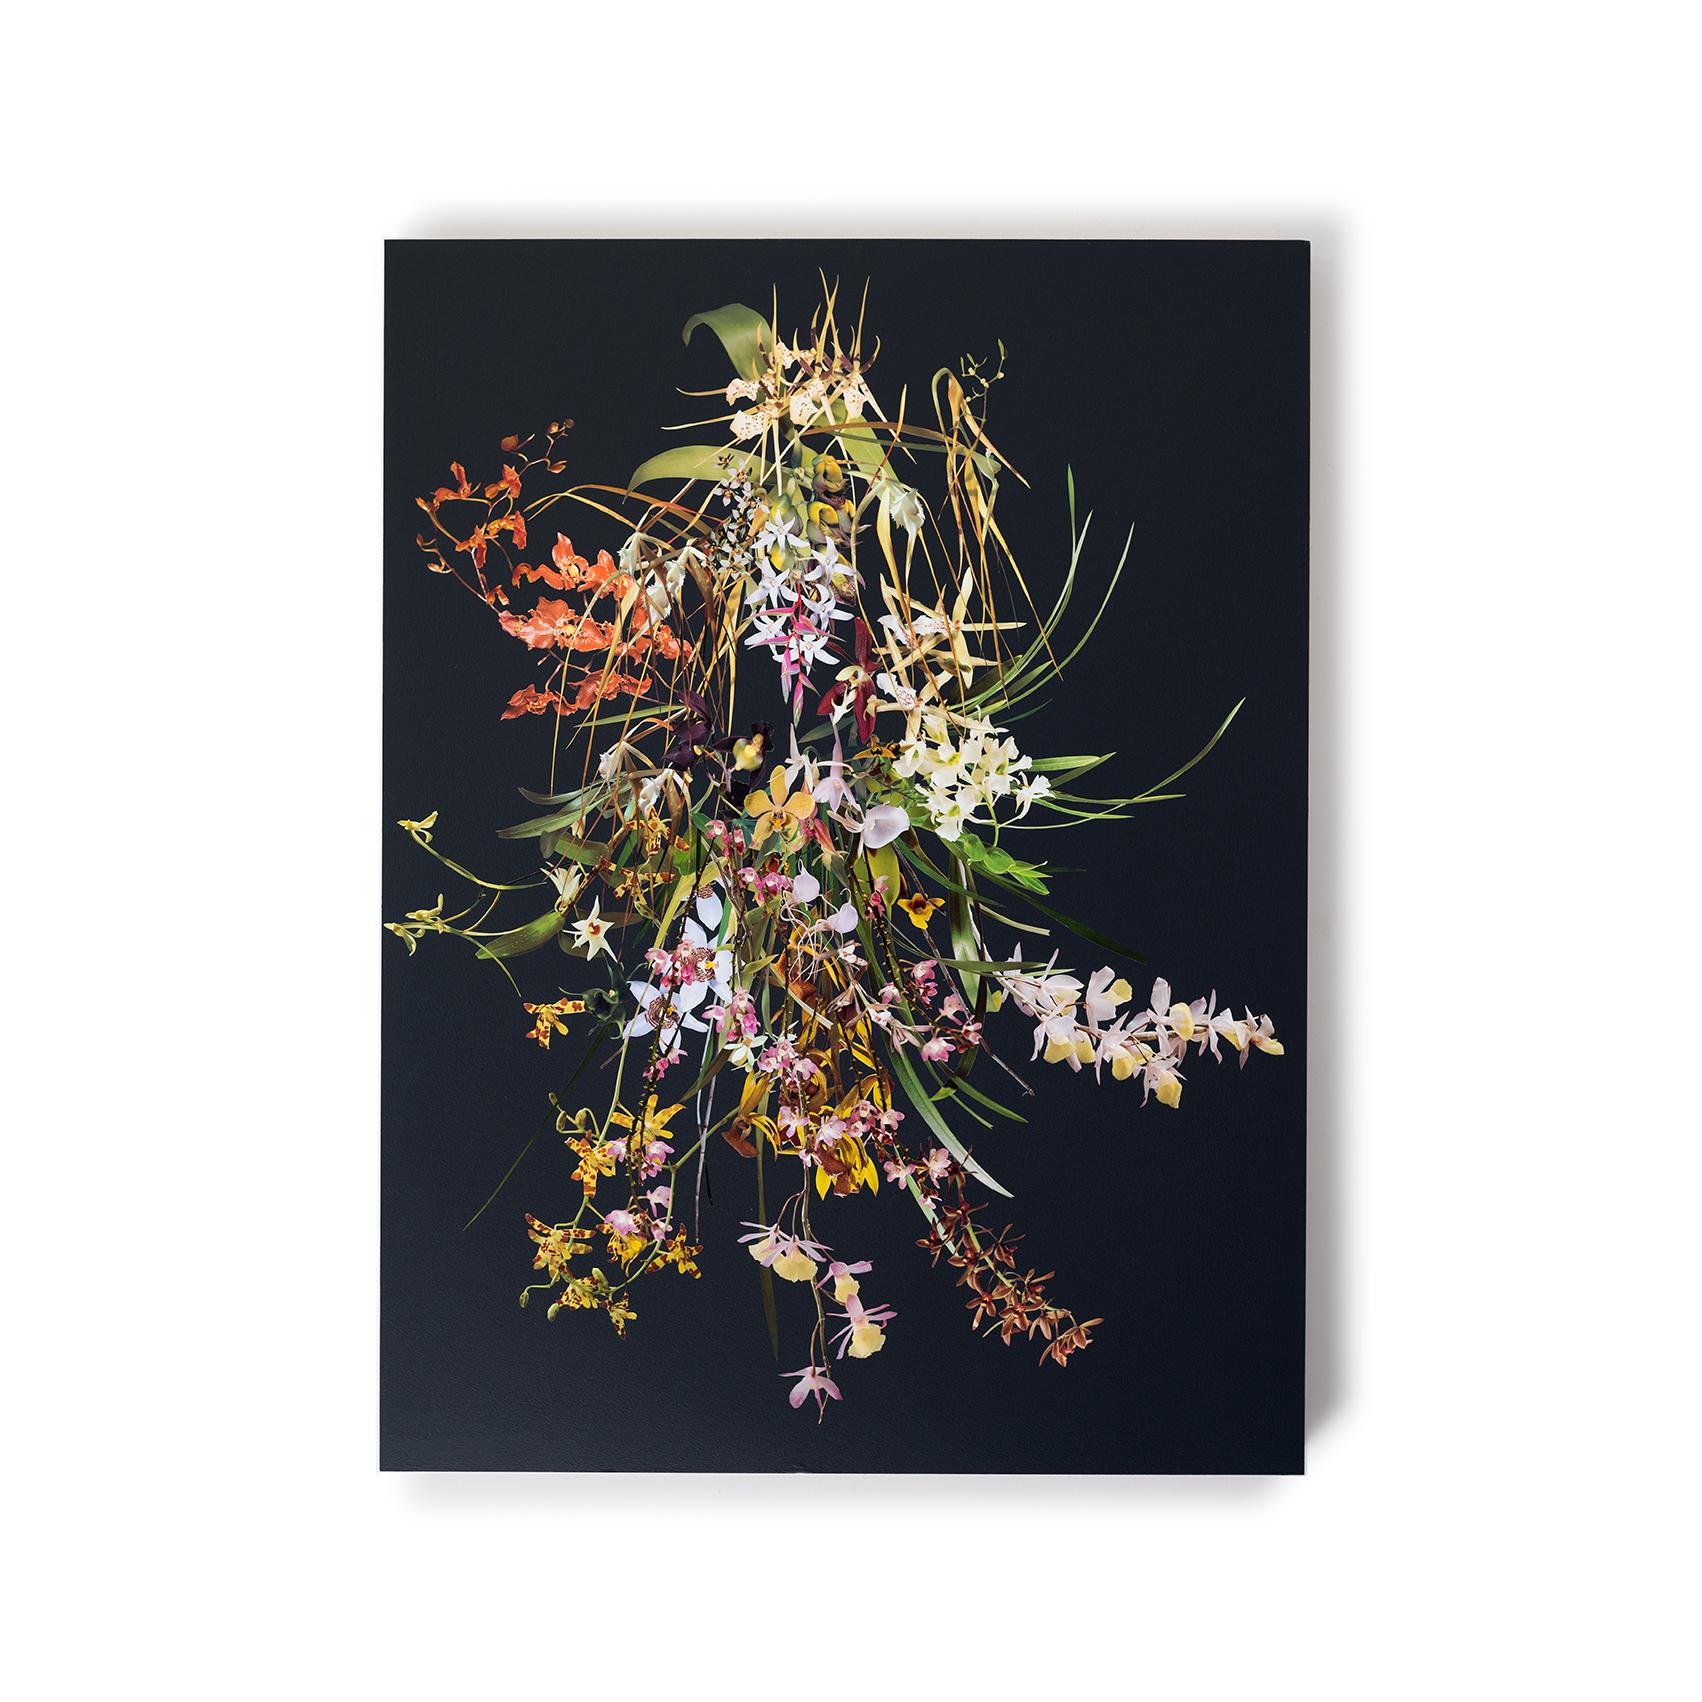 StephenEichhorn-Orchids-7.jpg